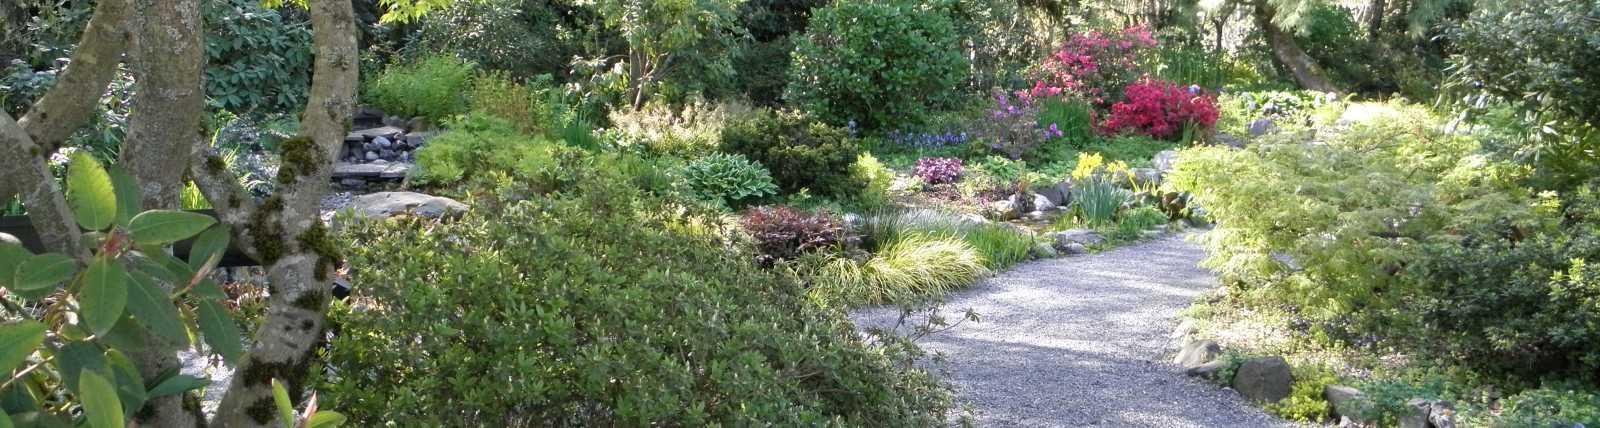 Ikawa Park